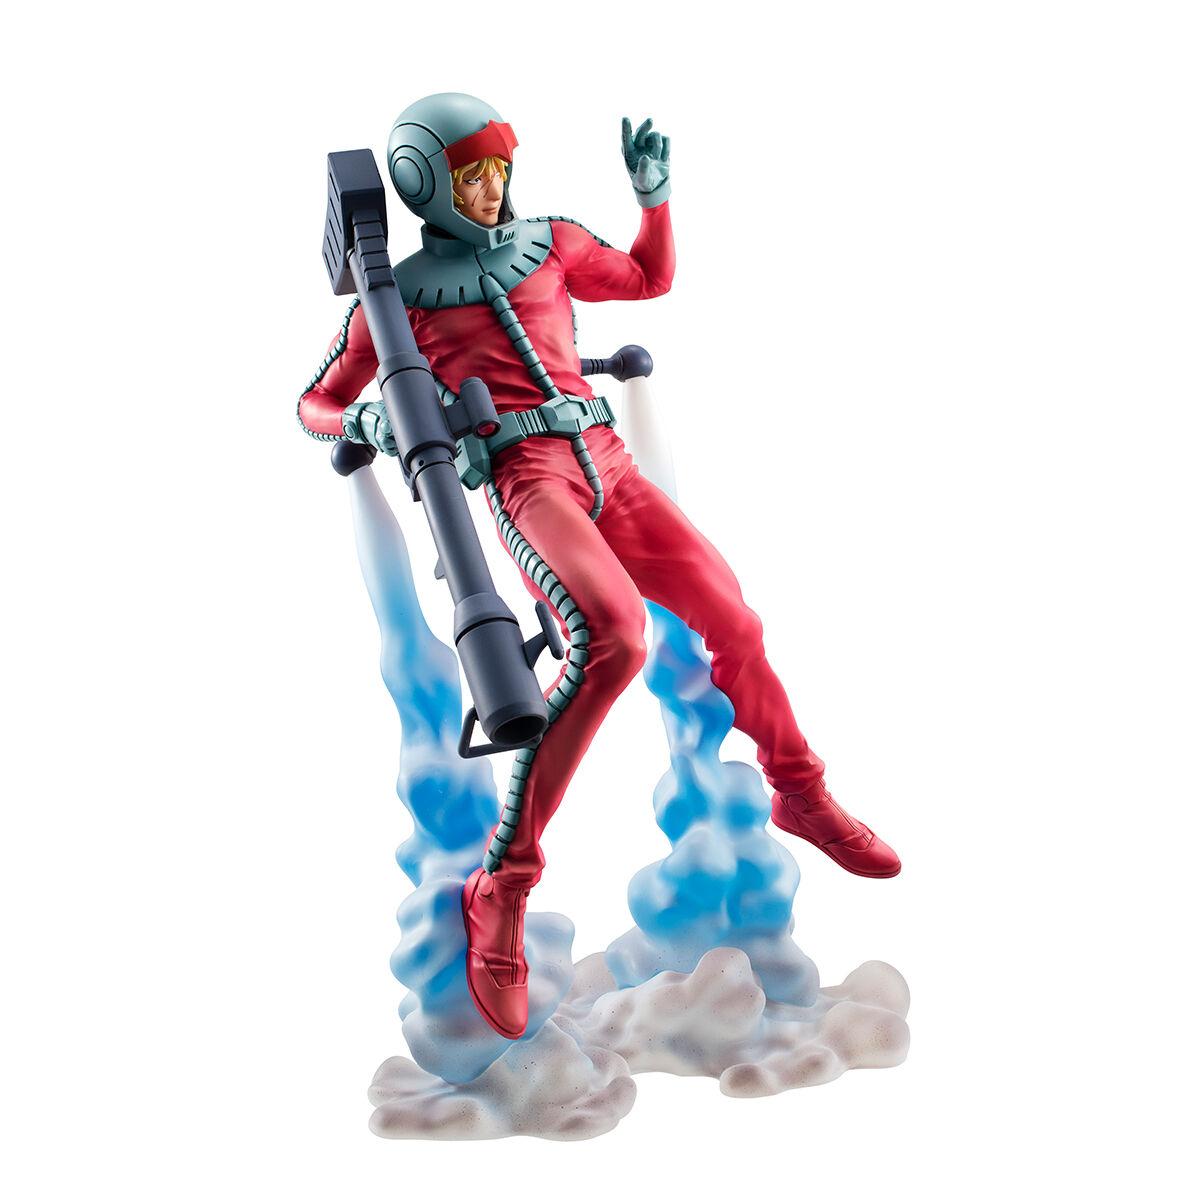 GGG『シャア・アズナブル ノーマルスーツVer.』機動戦士ガンダム 1/8 完成品フィギュア-005